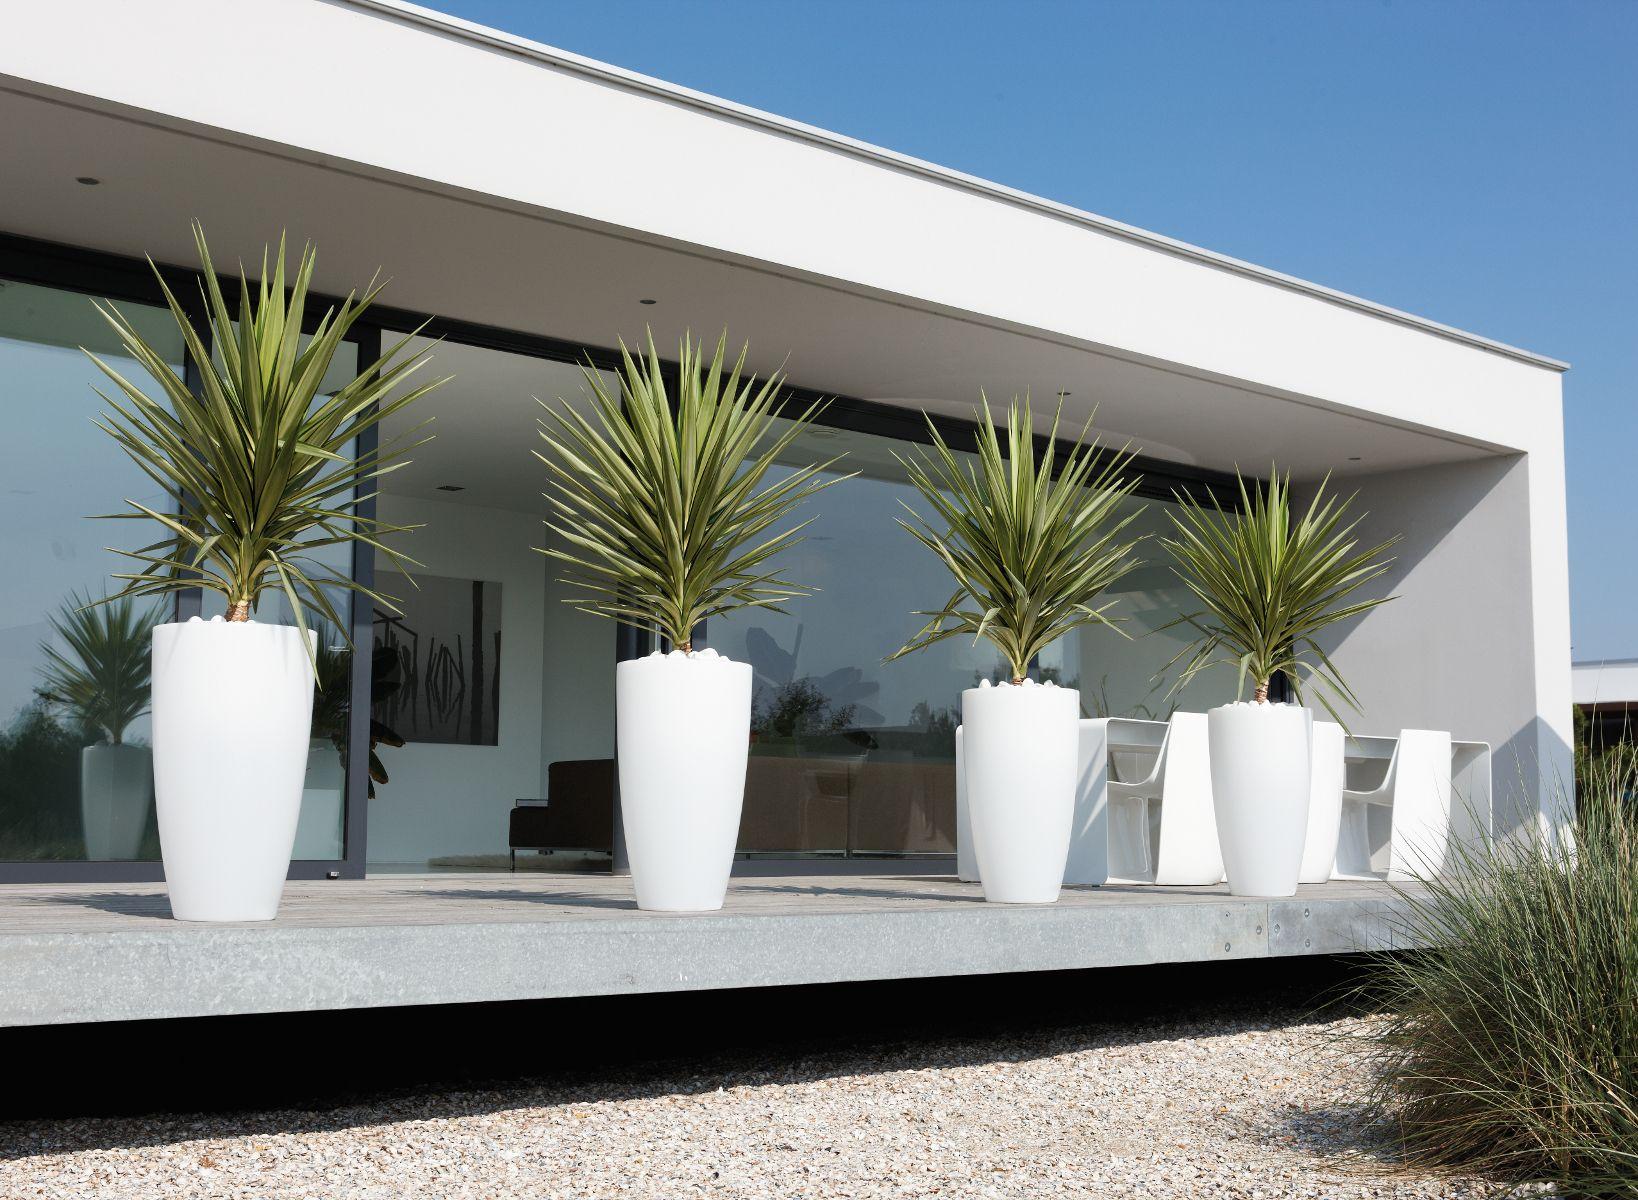 Elho pure soft round high bloempot 30 cm gardens tuin and outdoor gardens - Deco moderne tuin ...